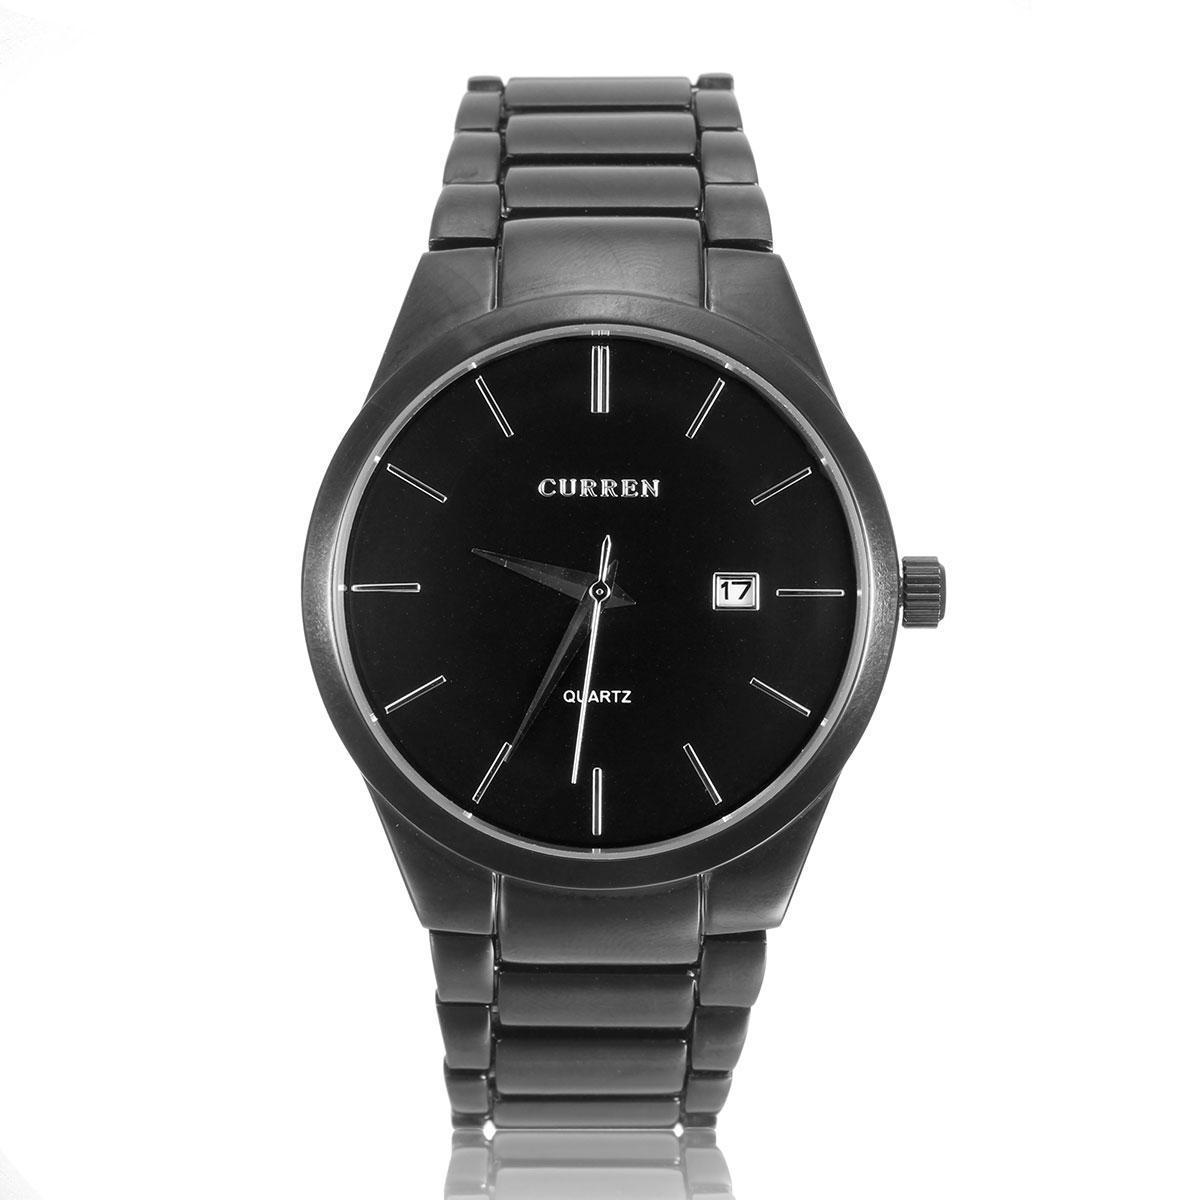 Curren Watches - Men s Curren Wrist Watch In Bangladesh - Daraz.com.bd b2b55d8a0a9